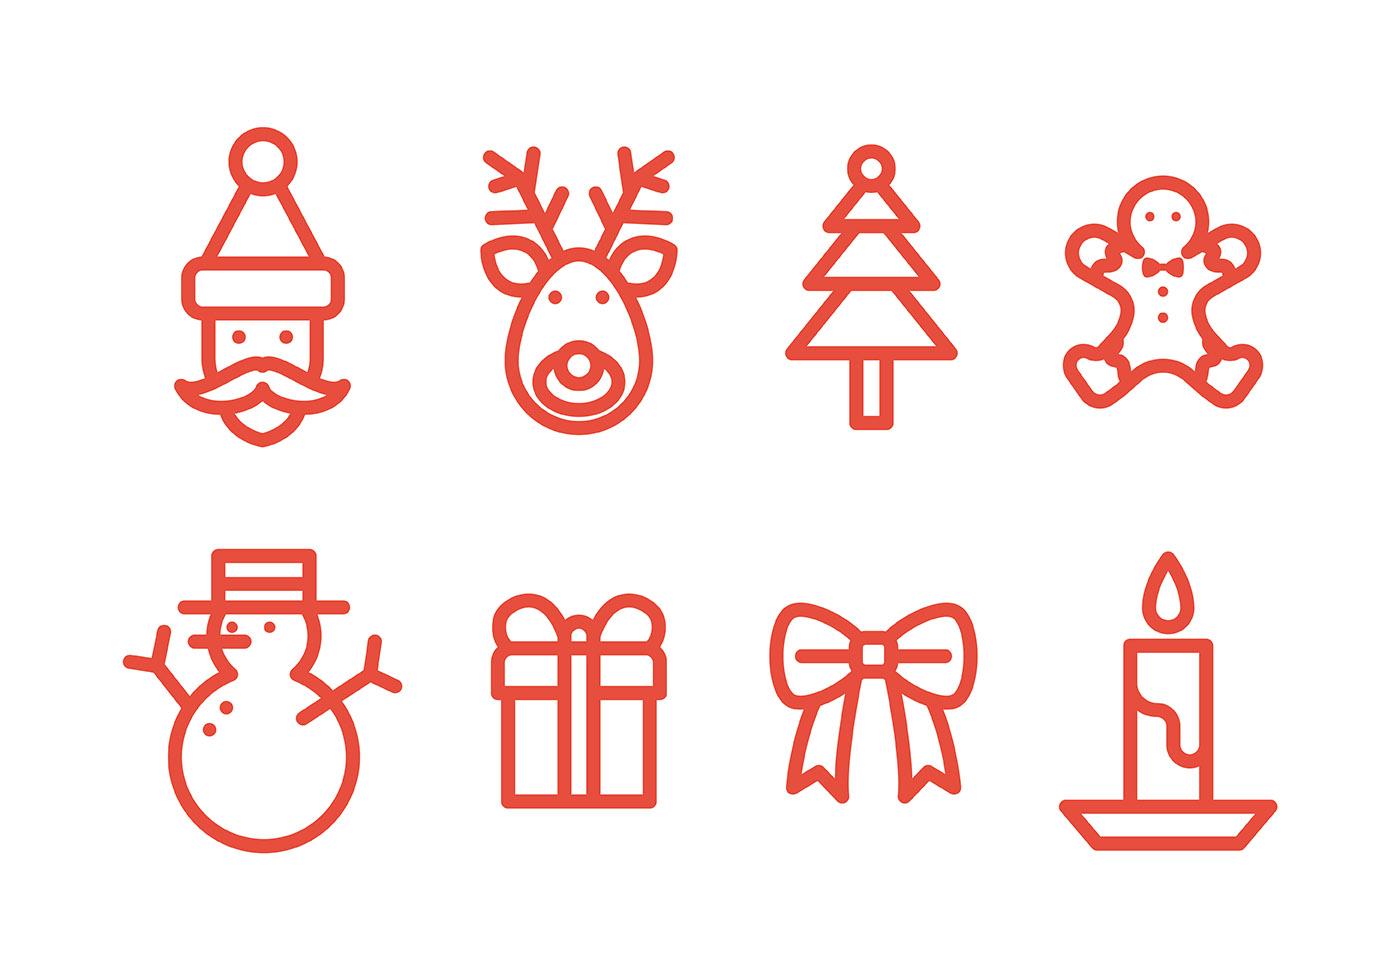 聖誕素材 免費下載 | 天天瘋後製